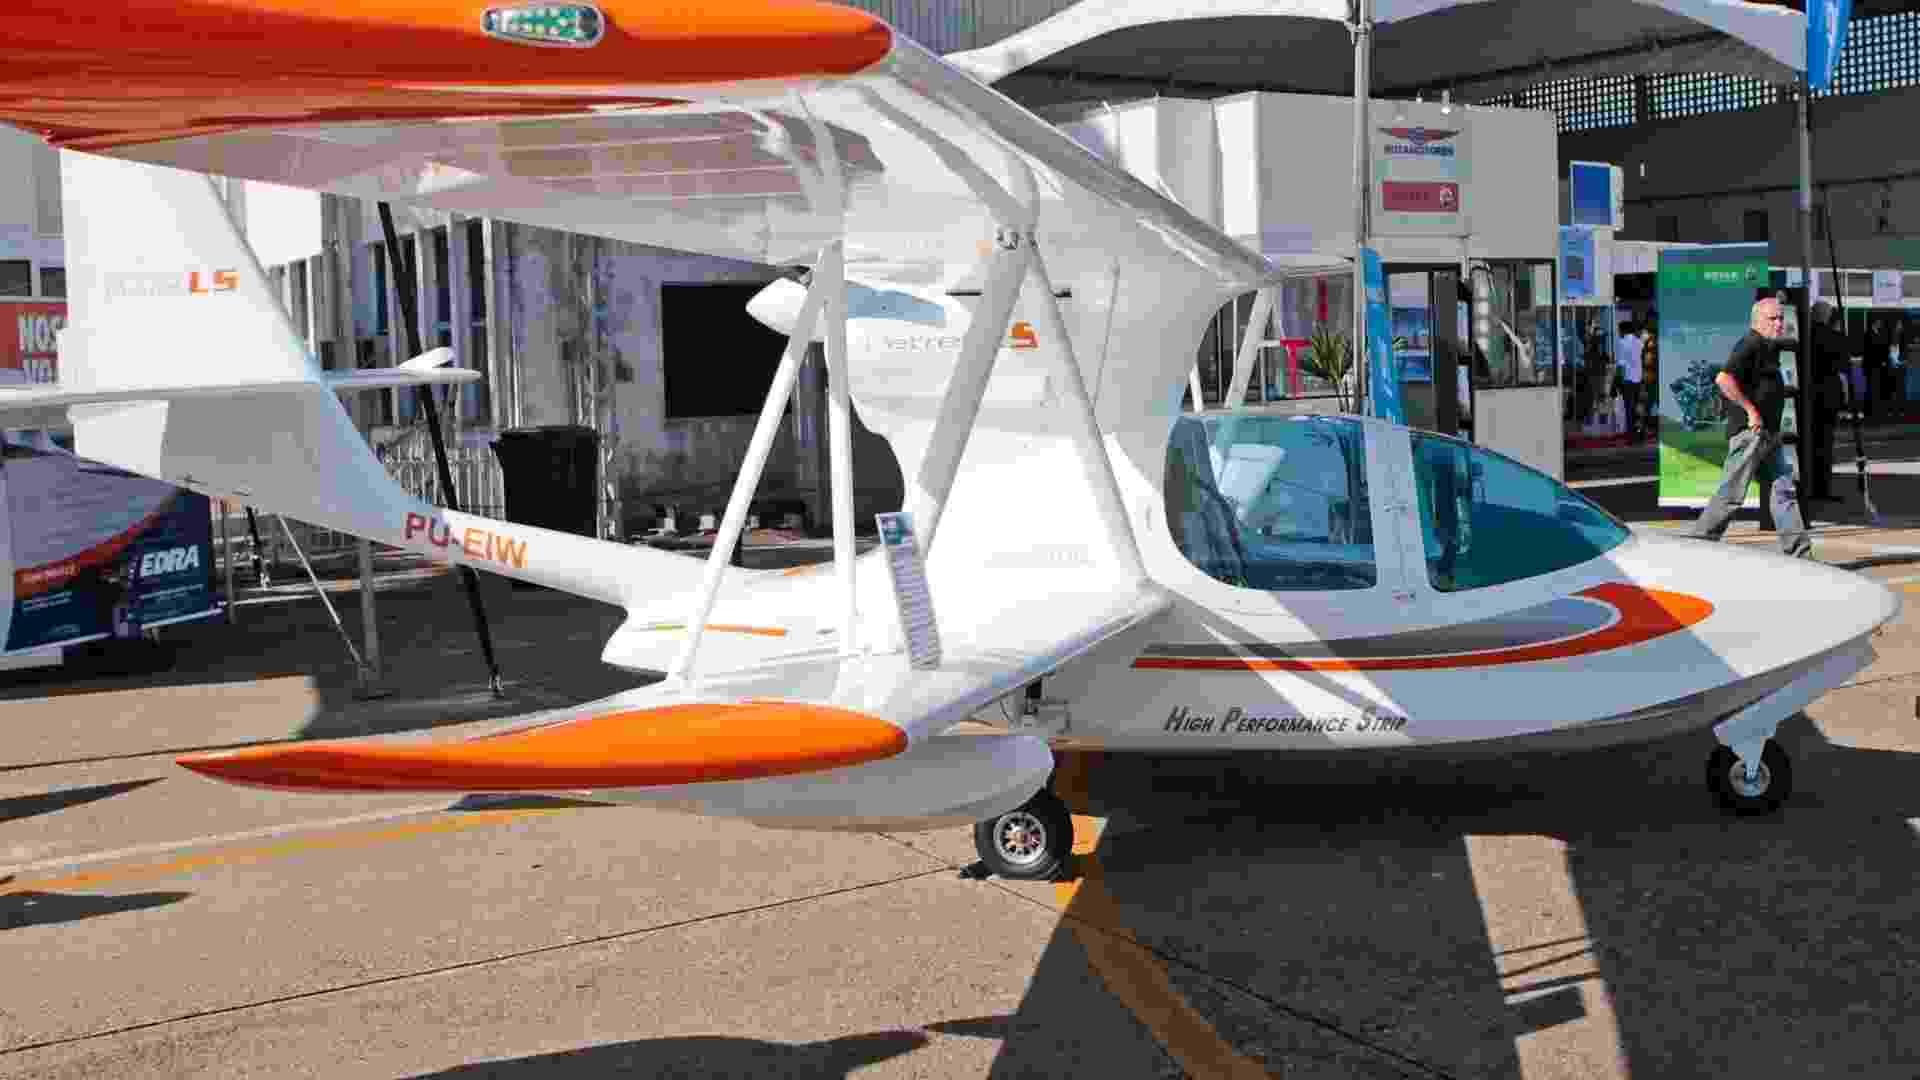 O modelo Petrel LS, da Edra, é mostrado em feira de aviação em São José dos Campos (SP); o preço é R$ 175 mil - Fernando Donasci/ UOL